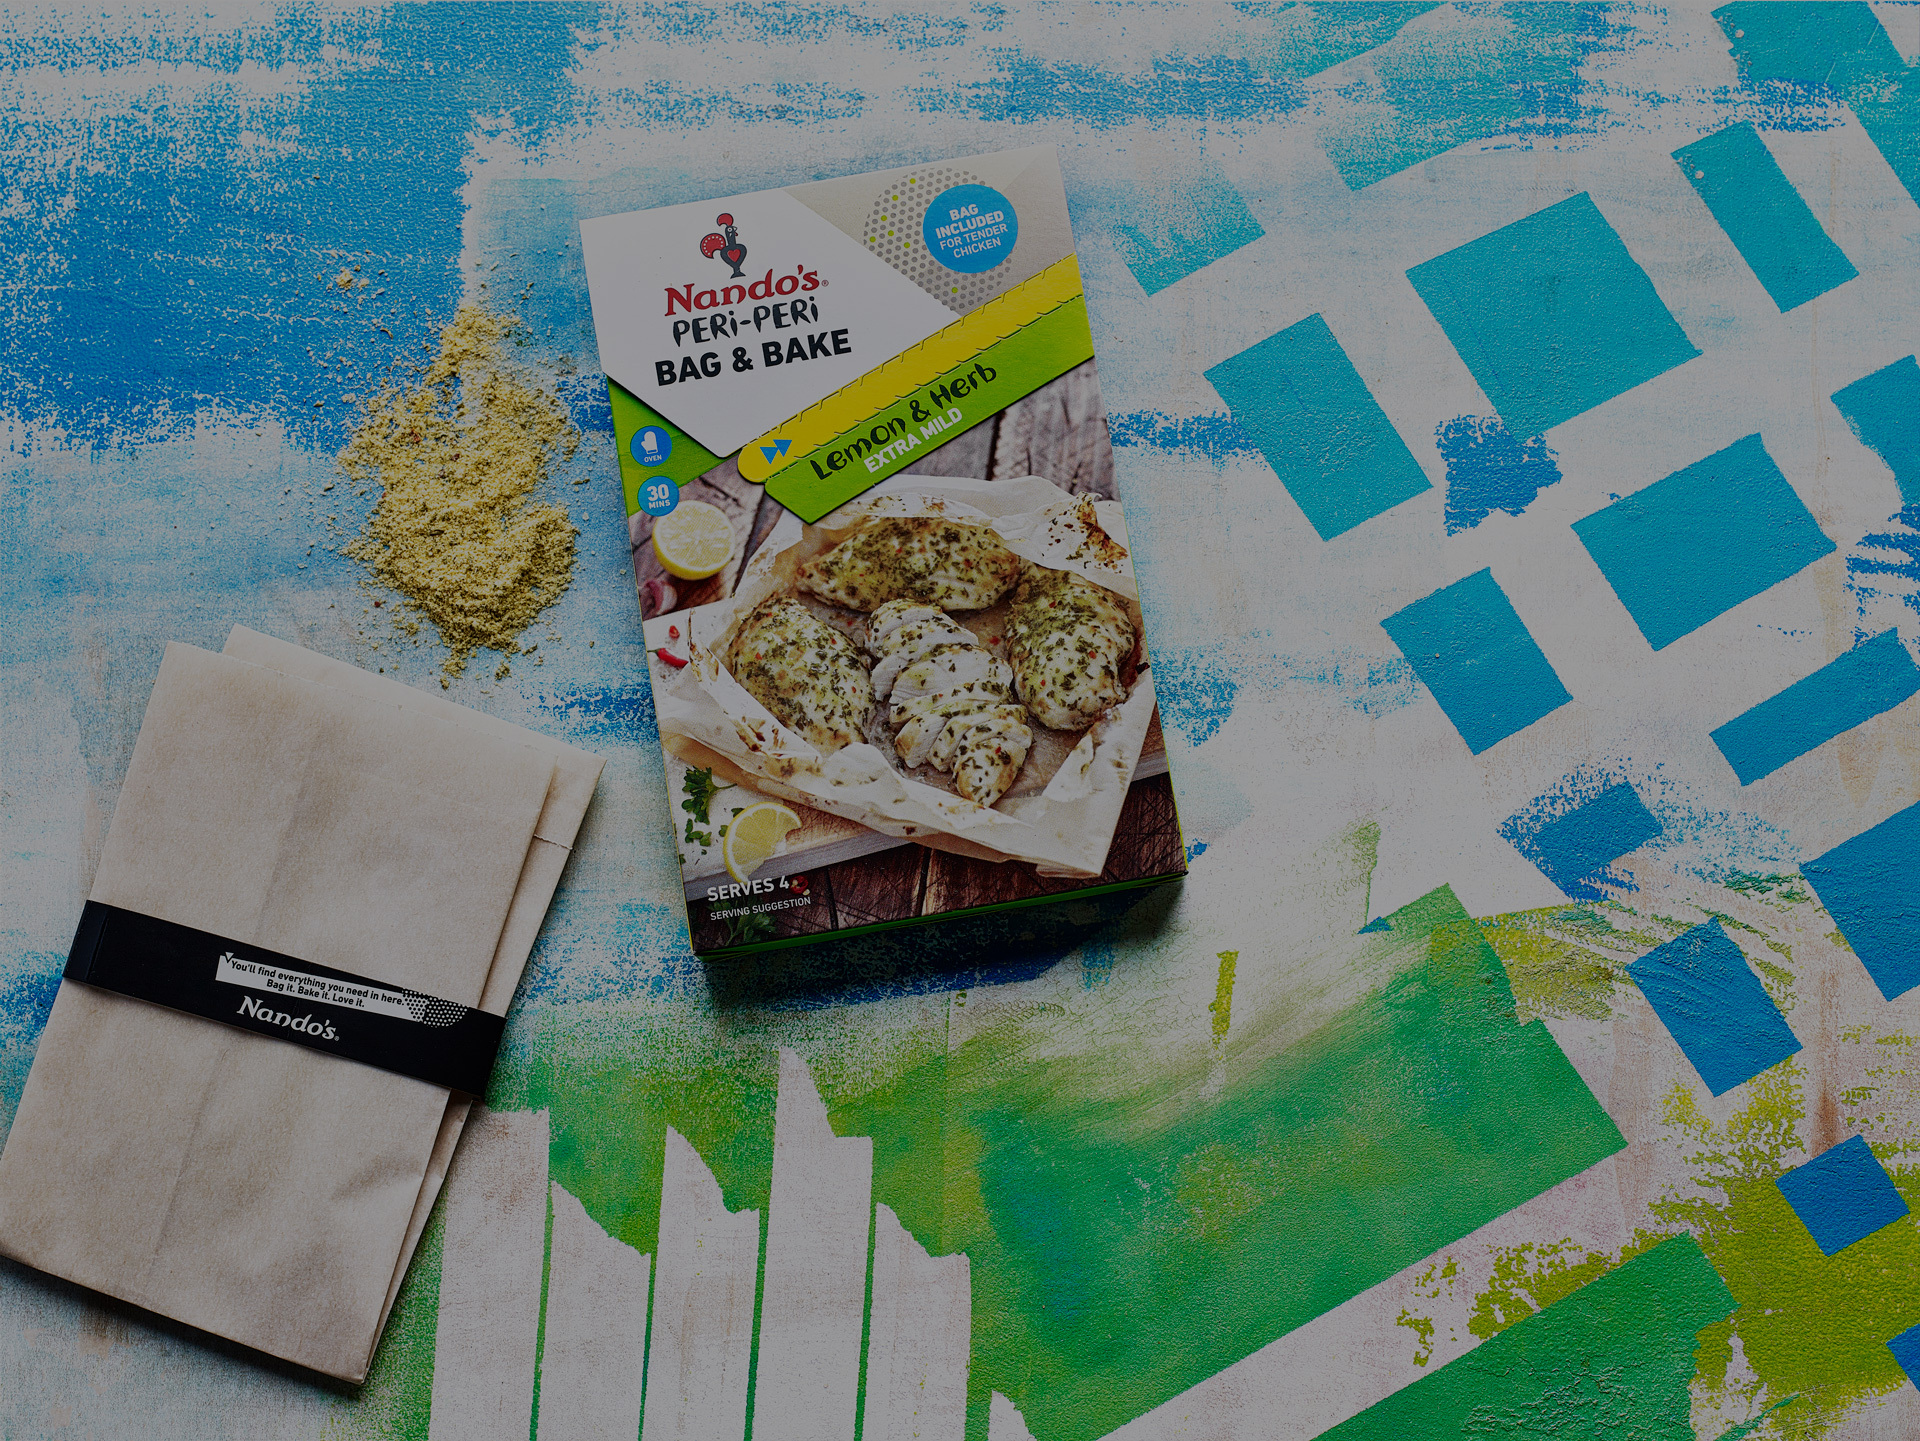 Lemon & Herb Bag & Bake